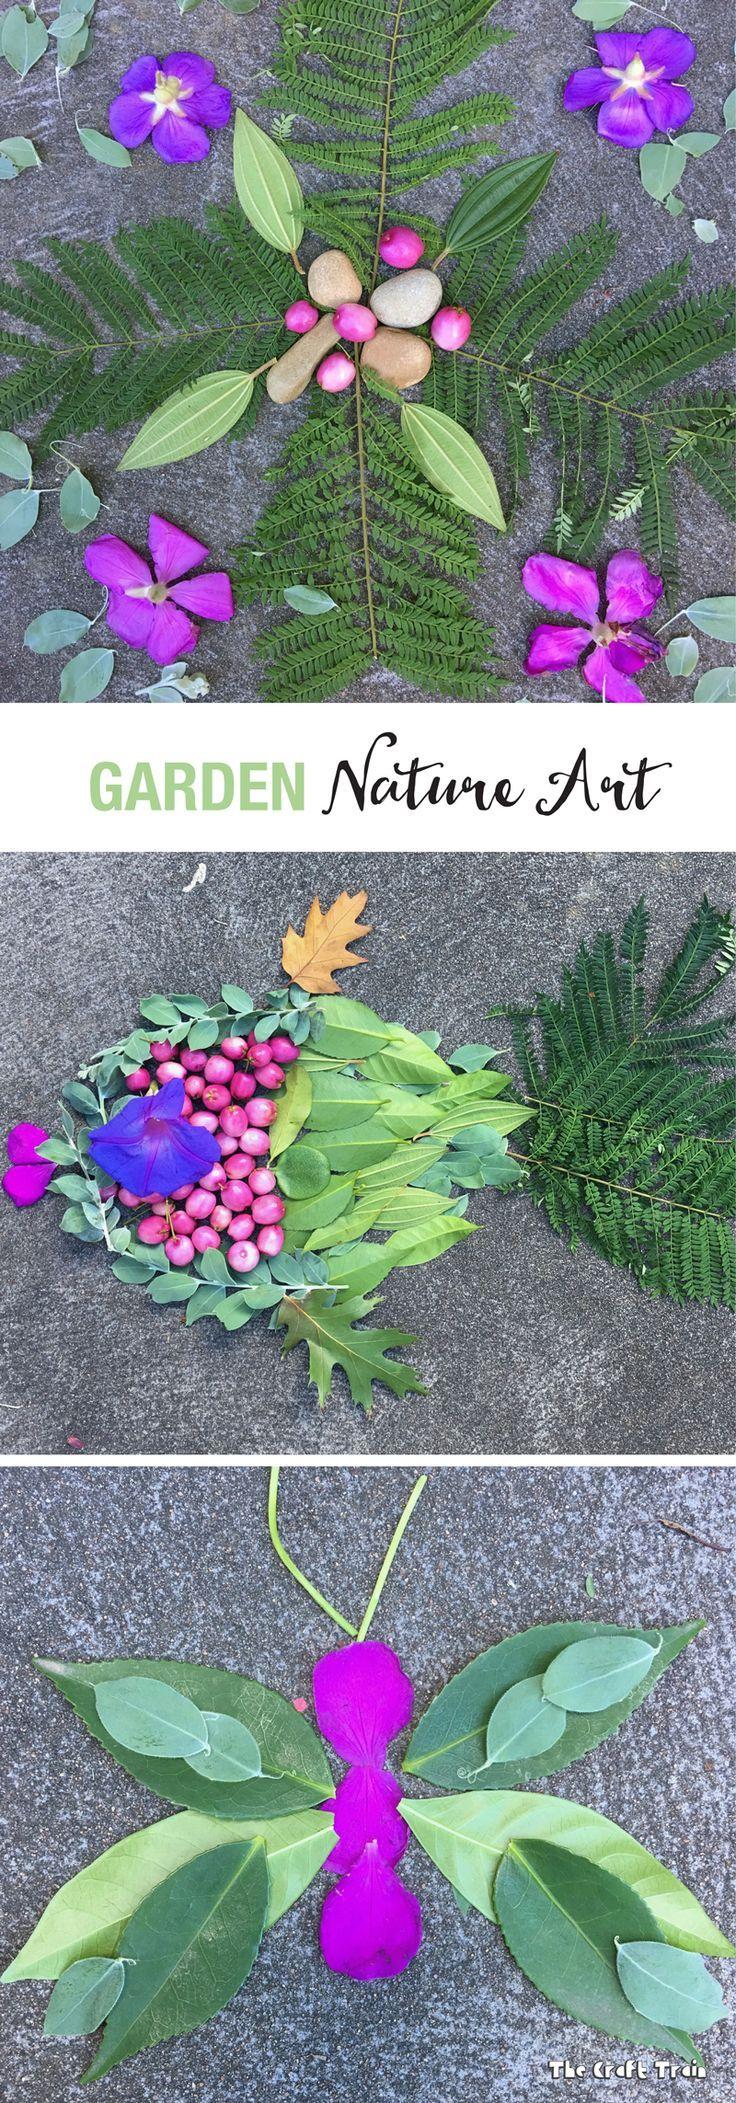 Homemade garden art ideas - Garden Nature Art